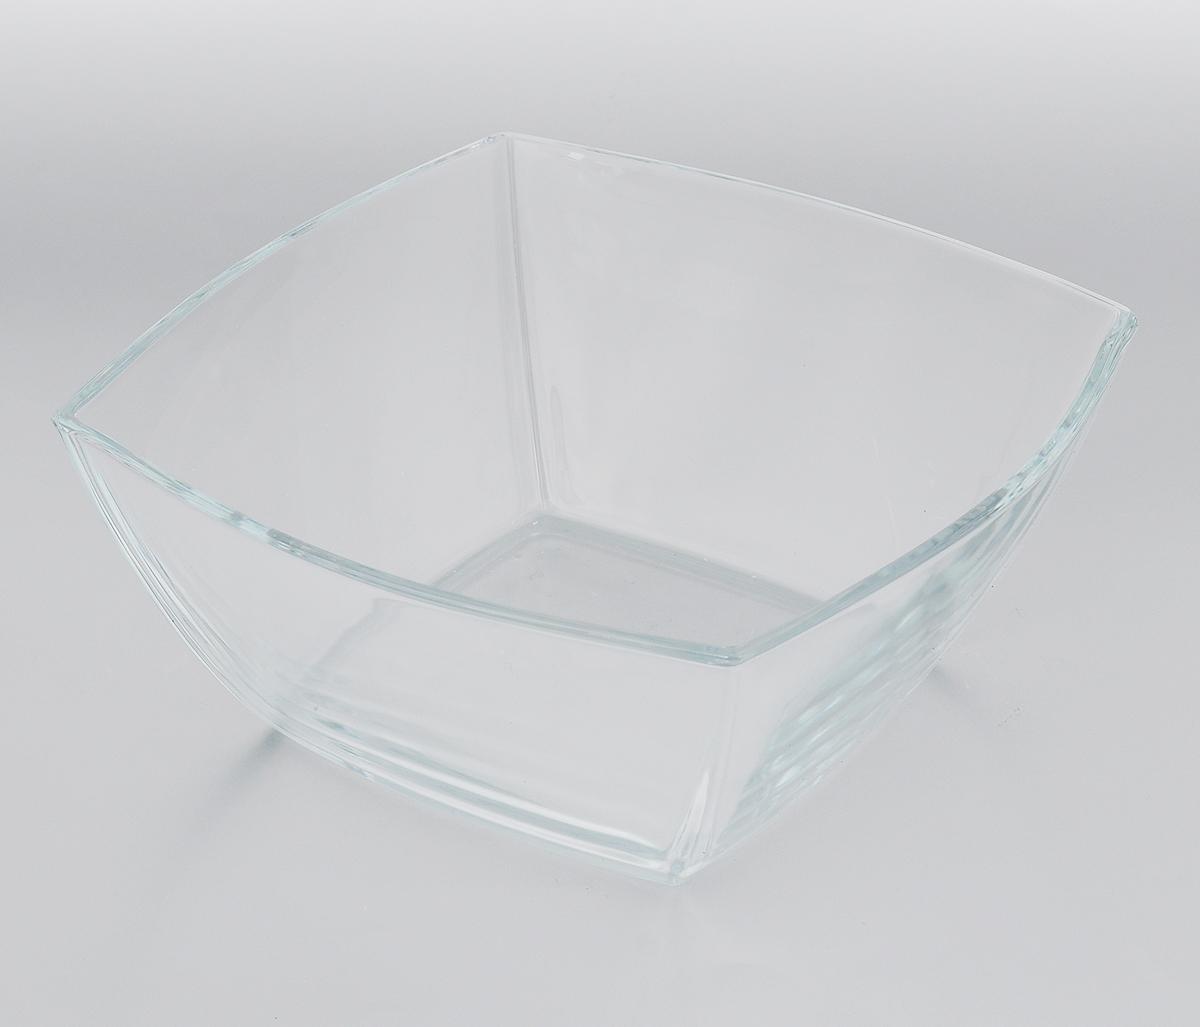 Салатник Pasabahce Tokio, 24 х 24 см53076BСалатник Pasabahce Tokio, выполненный из прочного натрий-кальций-силикатного стекла, предназначен для красивой сервировки различных блюд. Салатник сочетает в себе лаконичный дизайн с максимальной функциональностью. Оригинальность оформления придется по вкусу и ценителям классики, и тем, кто предпочитает утонченность и изящность.Можно мыть в посудомоечной машине, также использовать в холодильнике, морозильной камере и микроволновой печи до +70°C. Размер салатника по верхнему краю: 24 х 24 см.